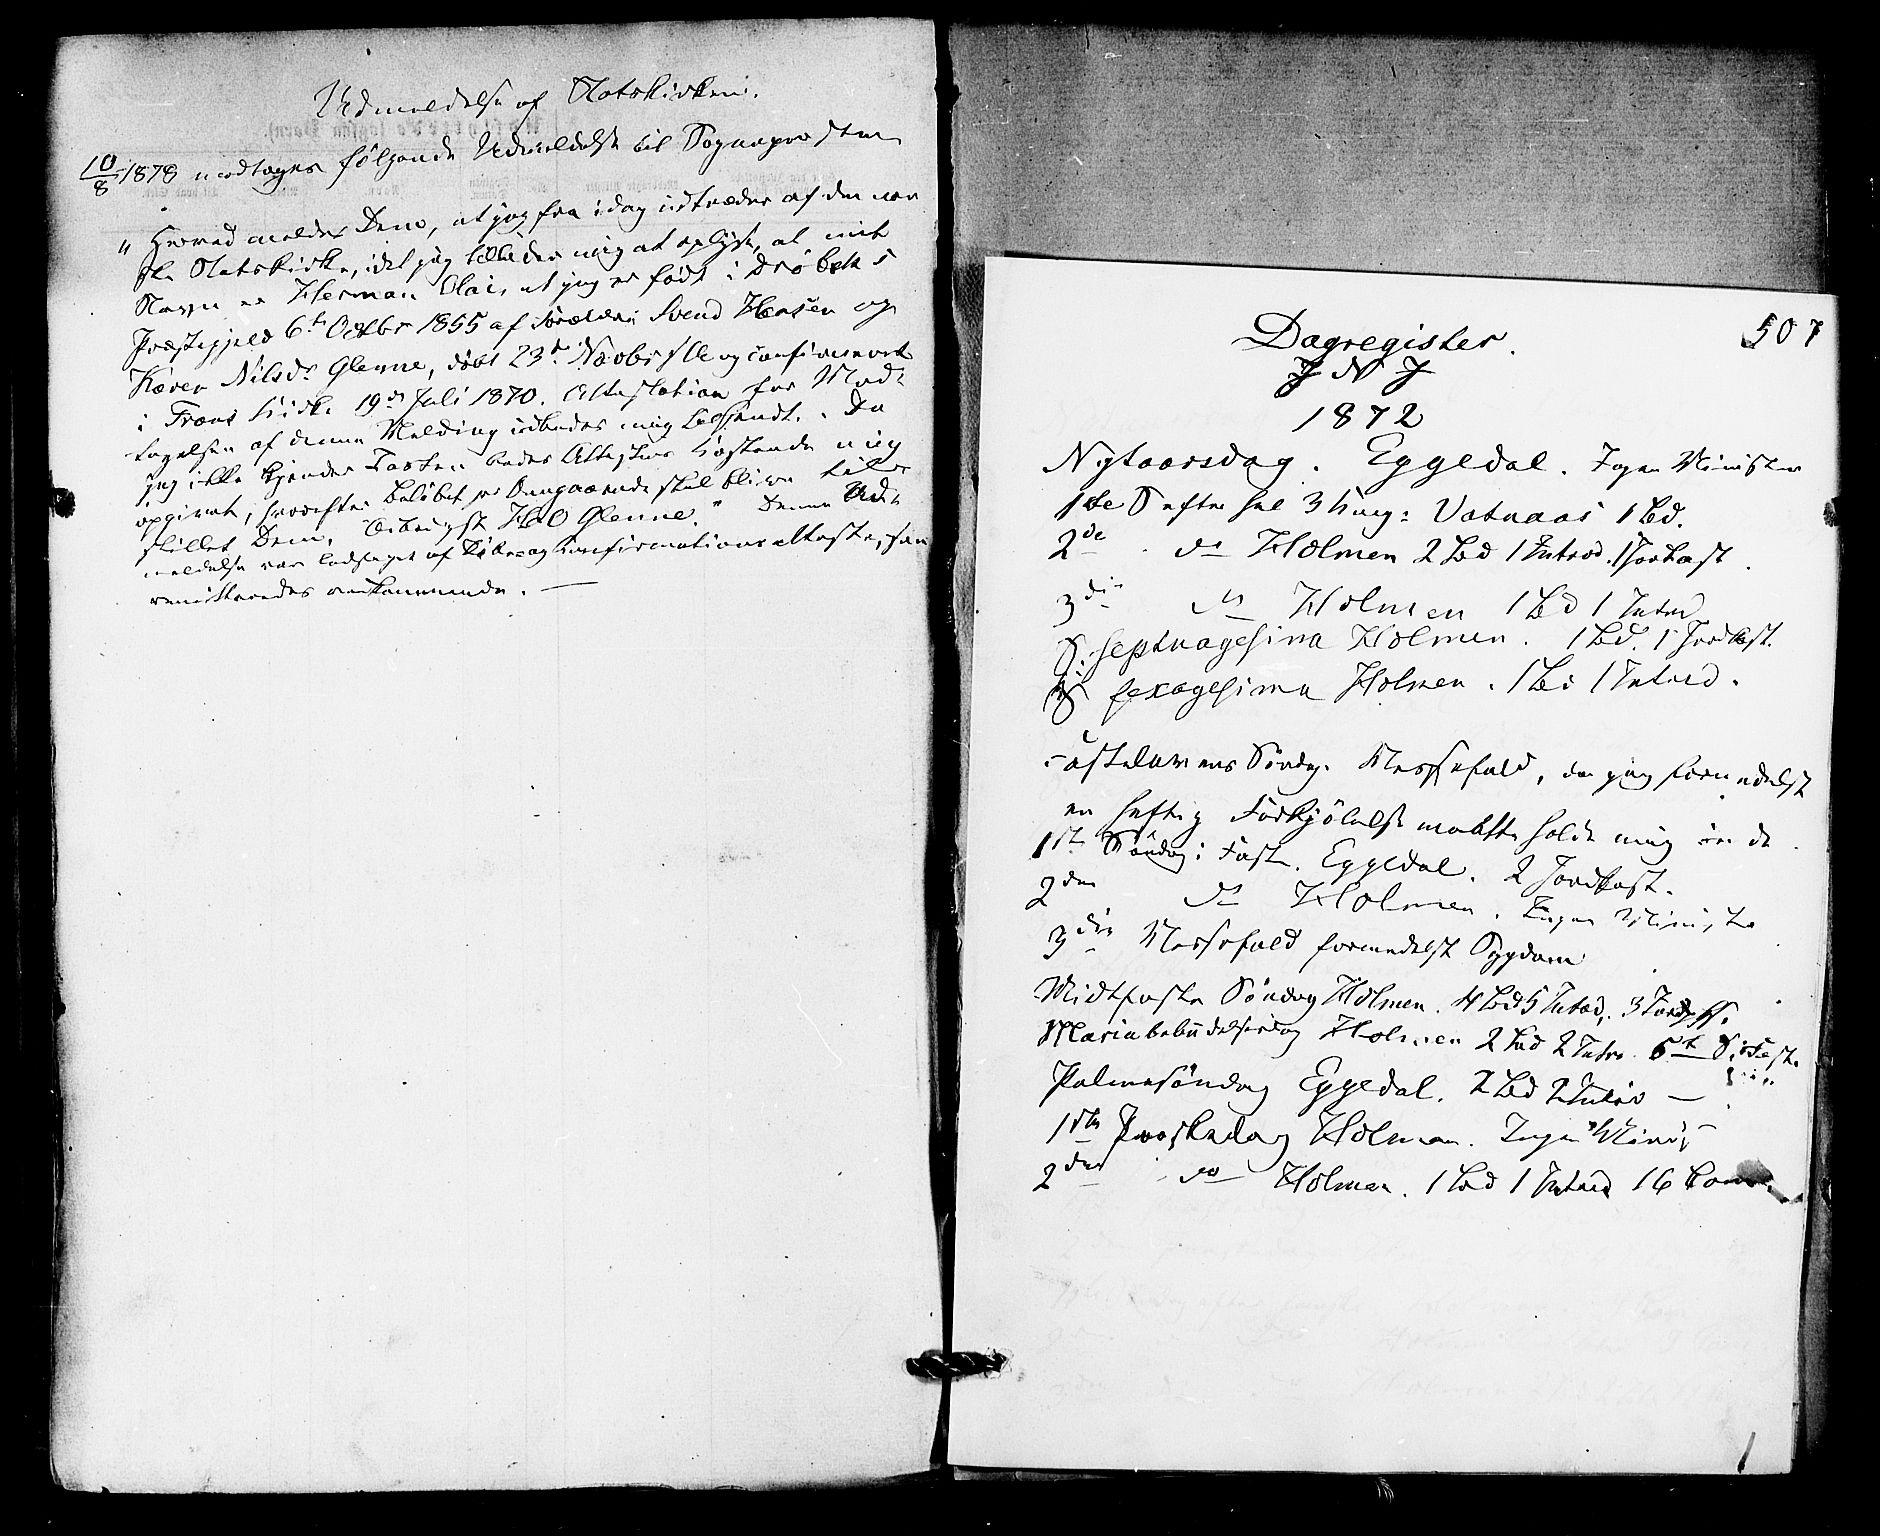 SAKO, Sigdal kirkebøker, F/Fa/L0010: Ministerialbok nr. I 10 /1, 1872-1878, s. 507